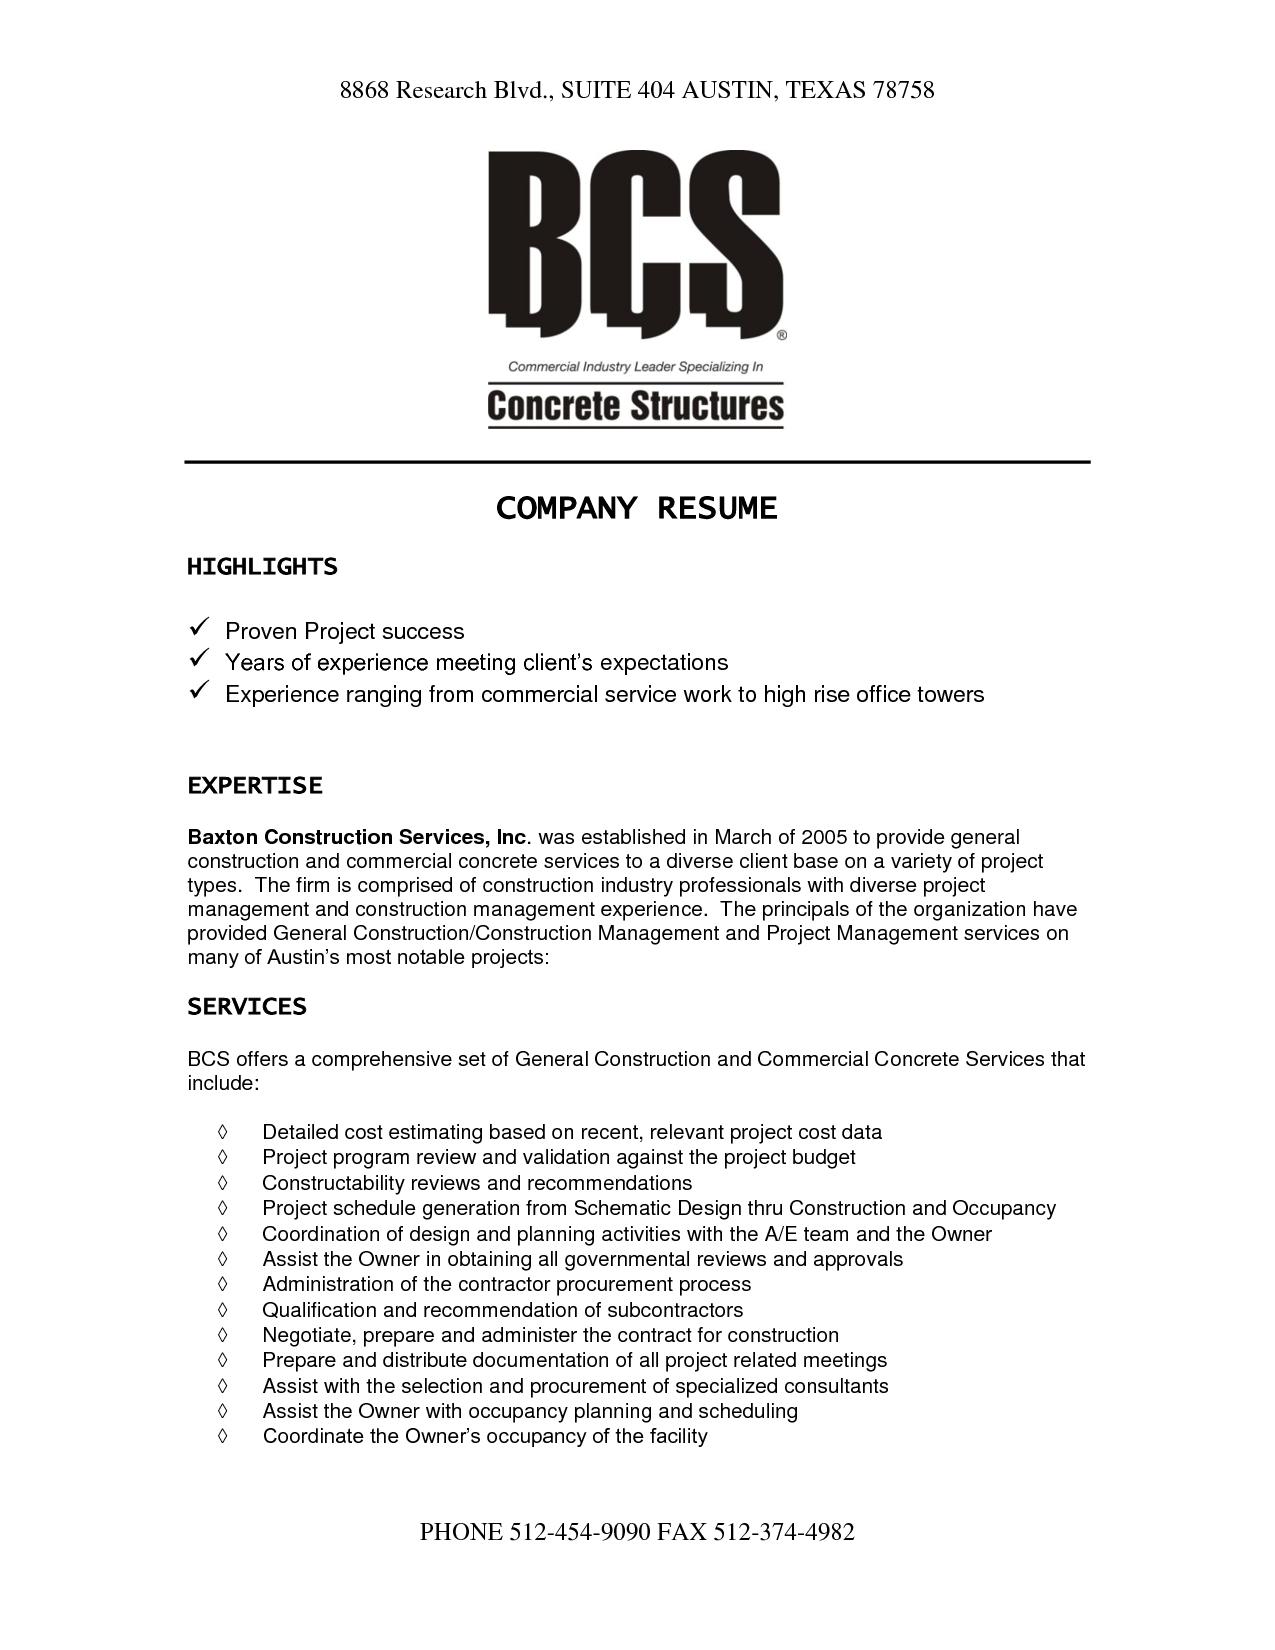 ghostwriter resume sample